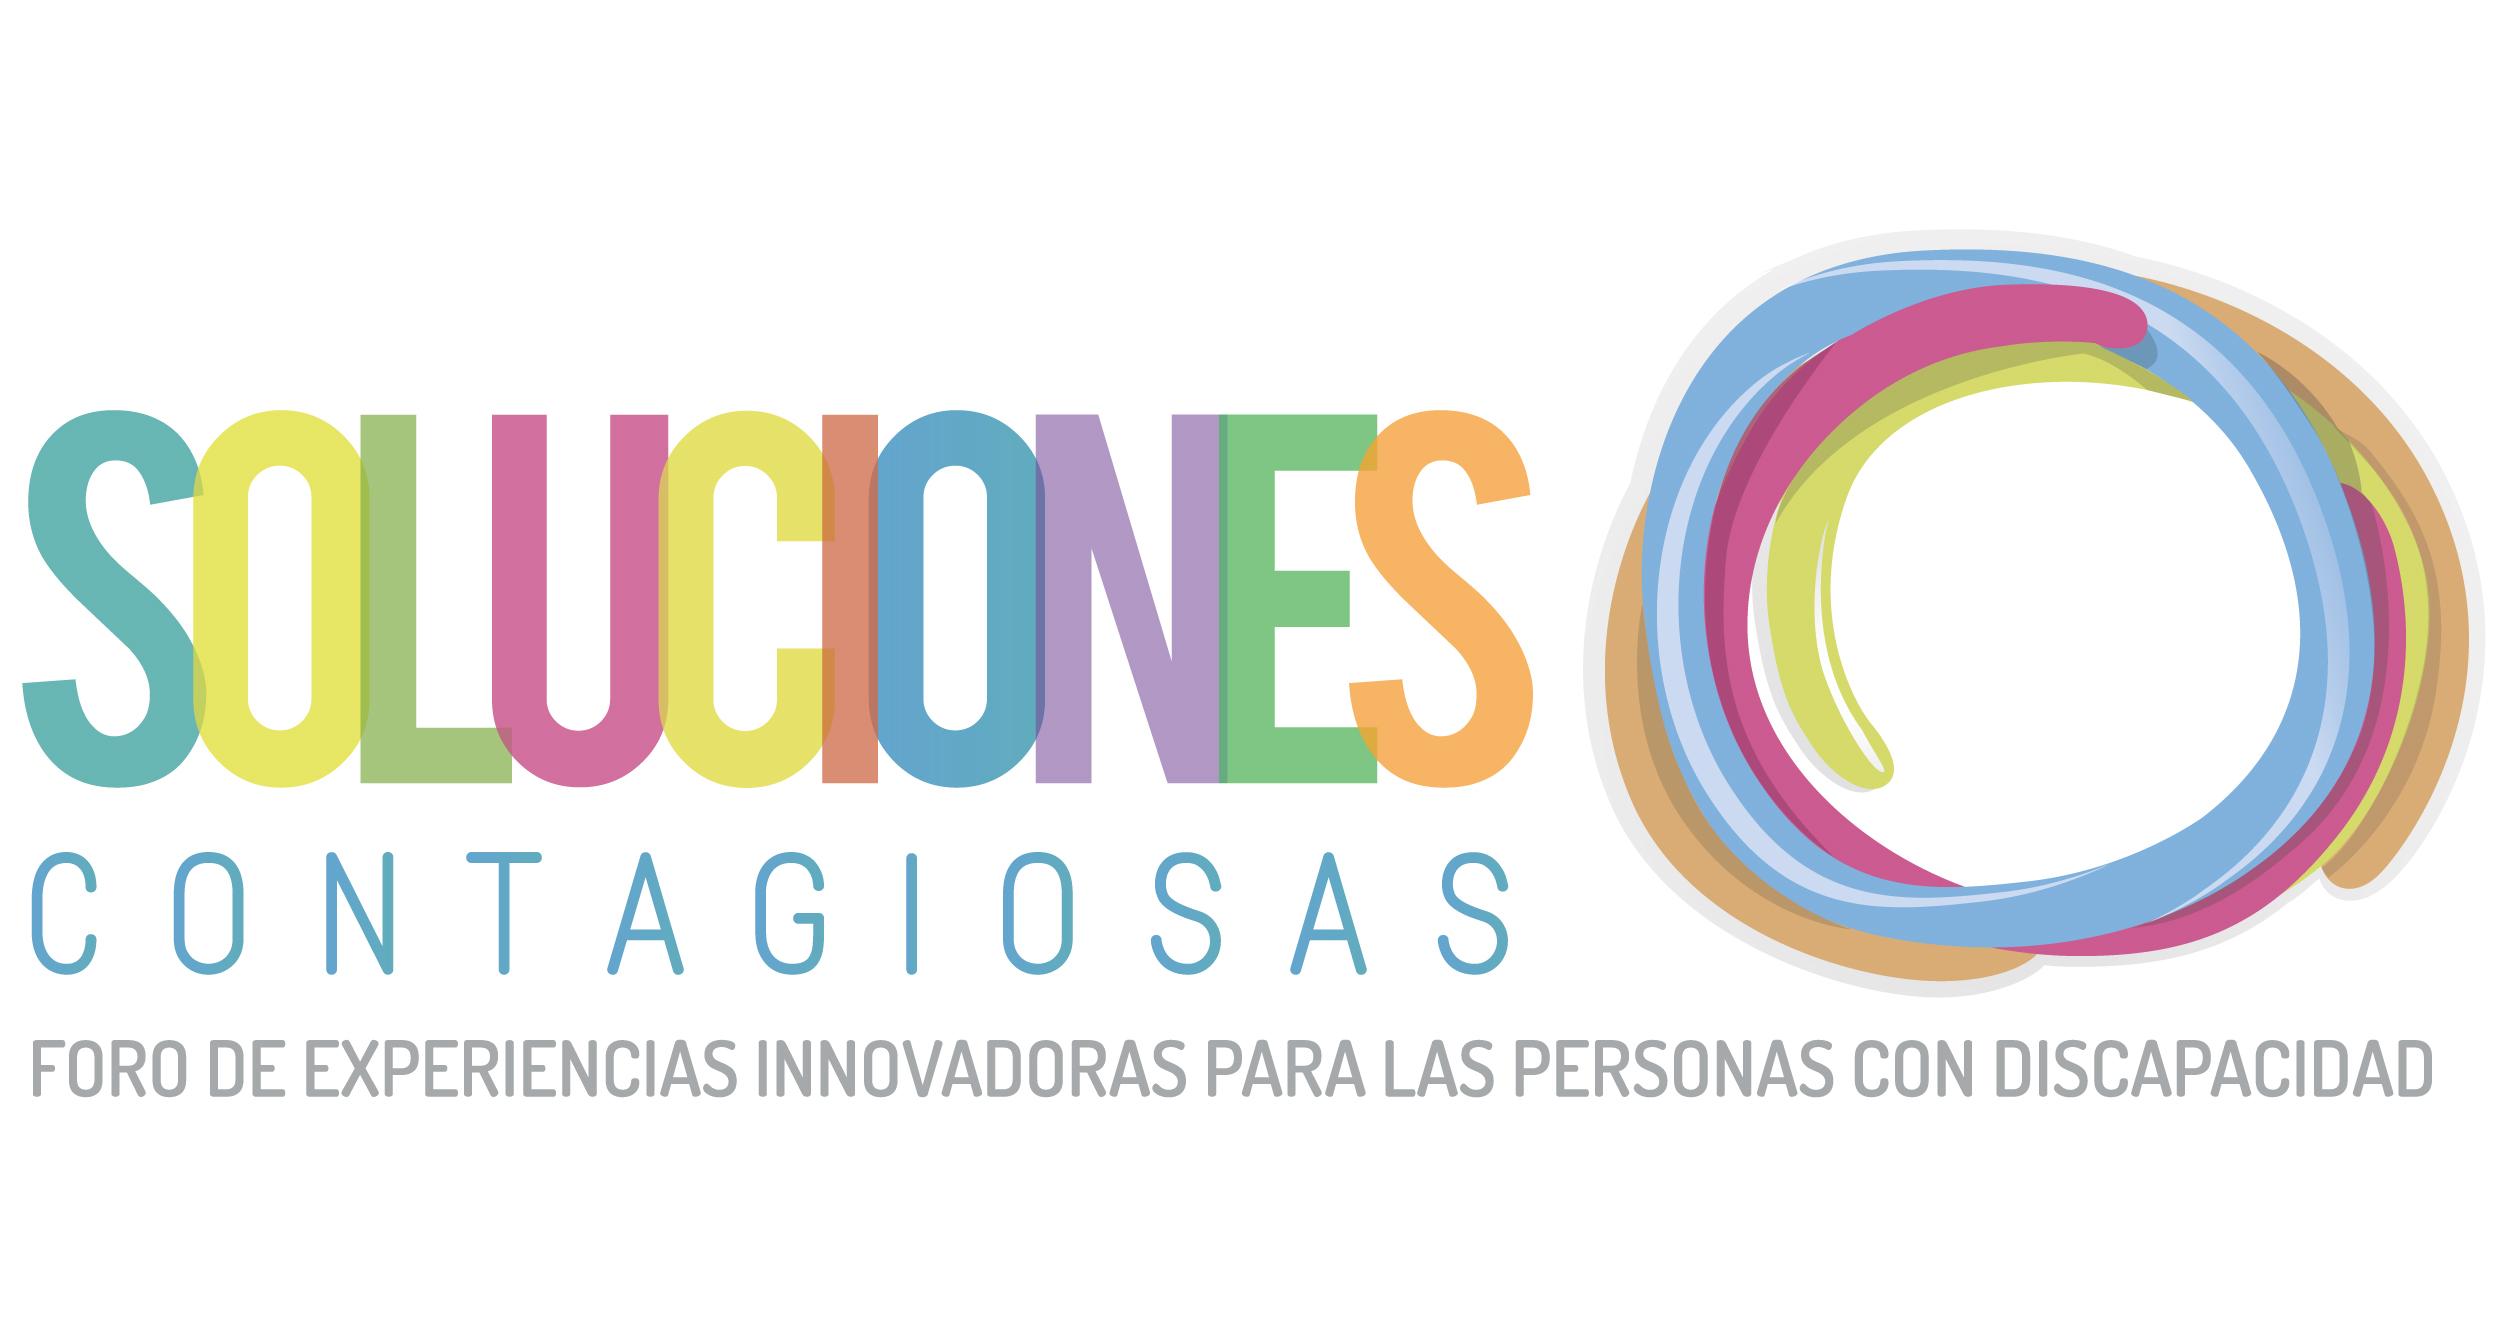 Logotipo Soluciones Contagiosas horizontal